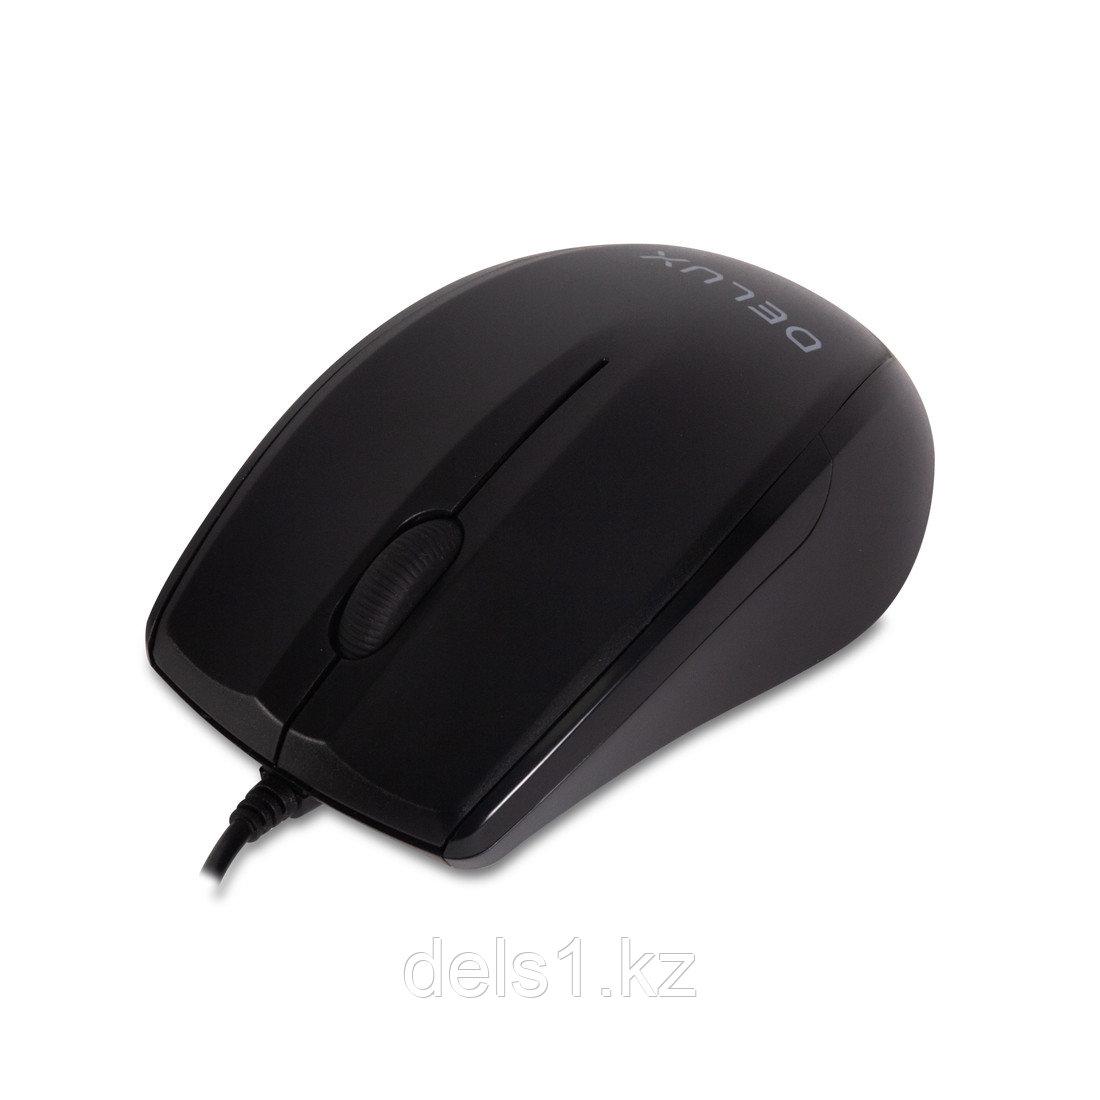 Мышь, Delux, DLM-321OUB, Оптическая, USB, 1000 dpi, Длина провода 1,6м, Чёрный